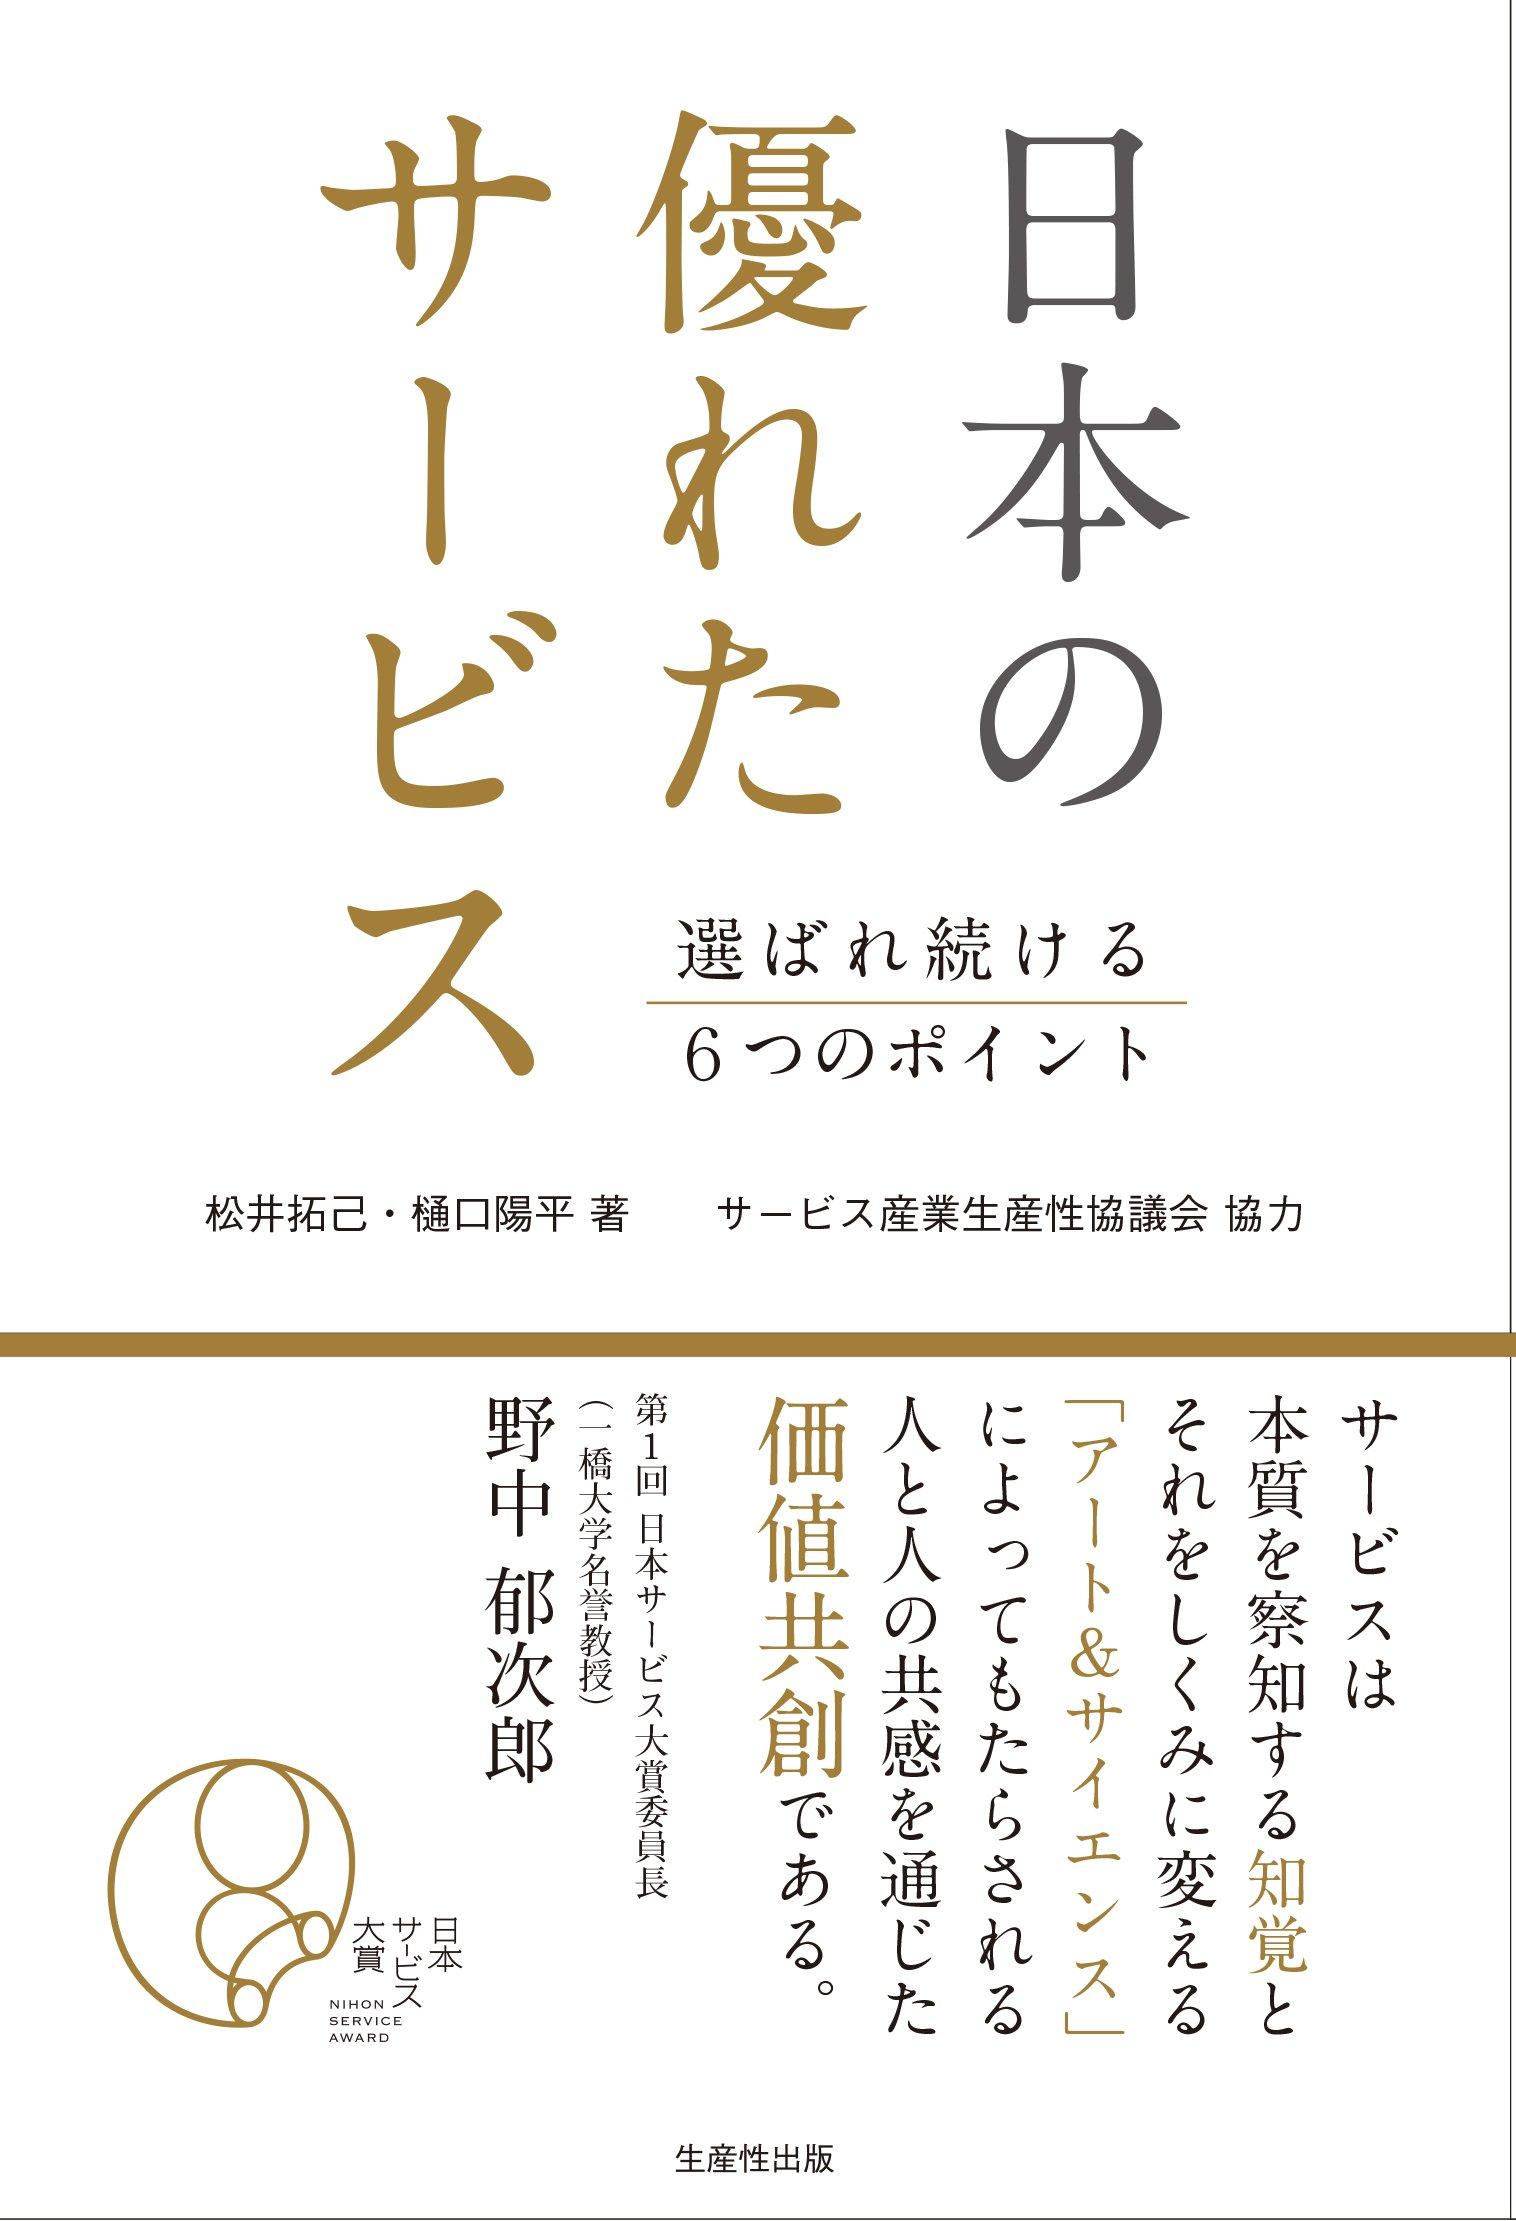 日本の優れたサービス~選ばれ続ける6つのポイント~